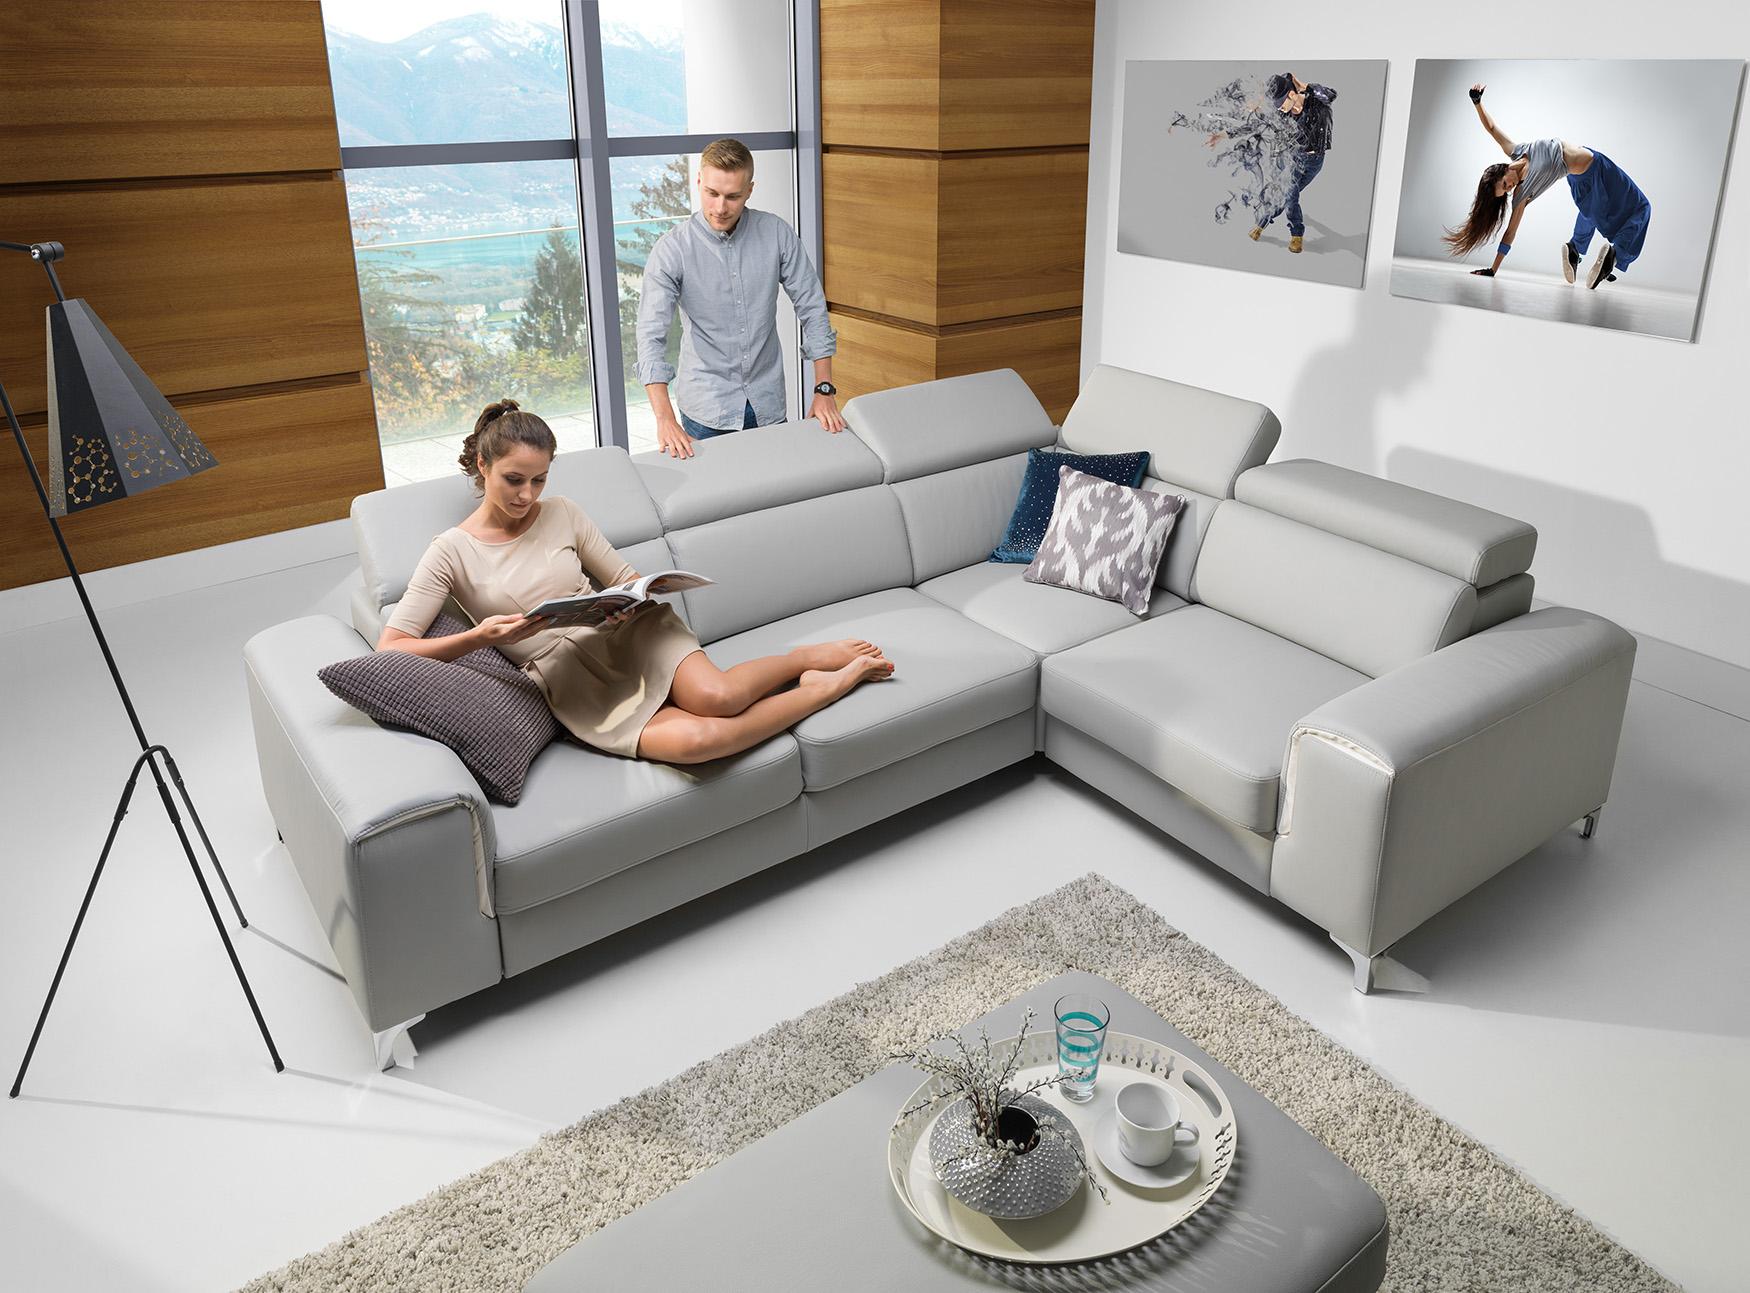 Sofa bed GENOVA ORIGINAL by Furniturecity.ie